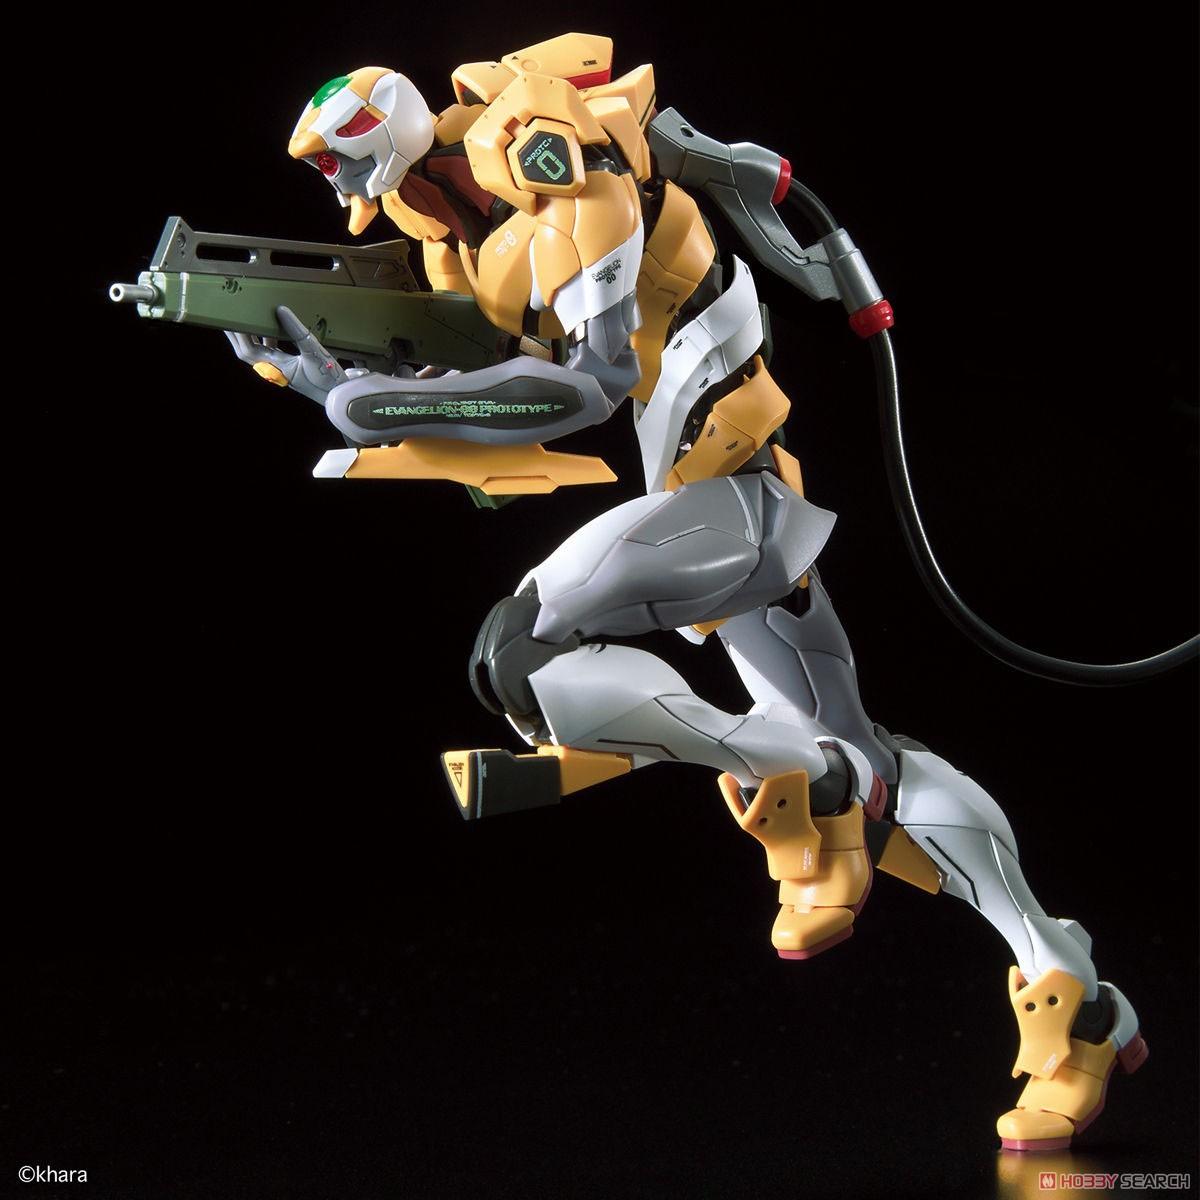 【再販】RG『汎用ヒト型決戦兵器 人造人間エヴァンゲリオン試作零号機DX 陽電子砲セット』プラモデル-003